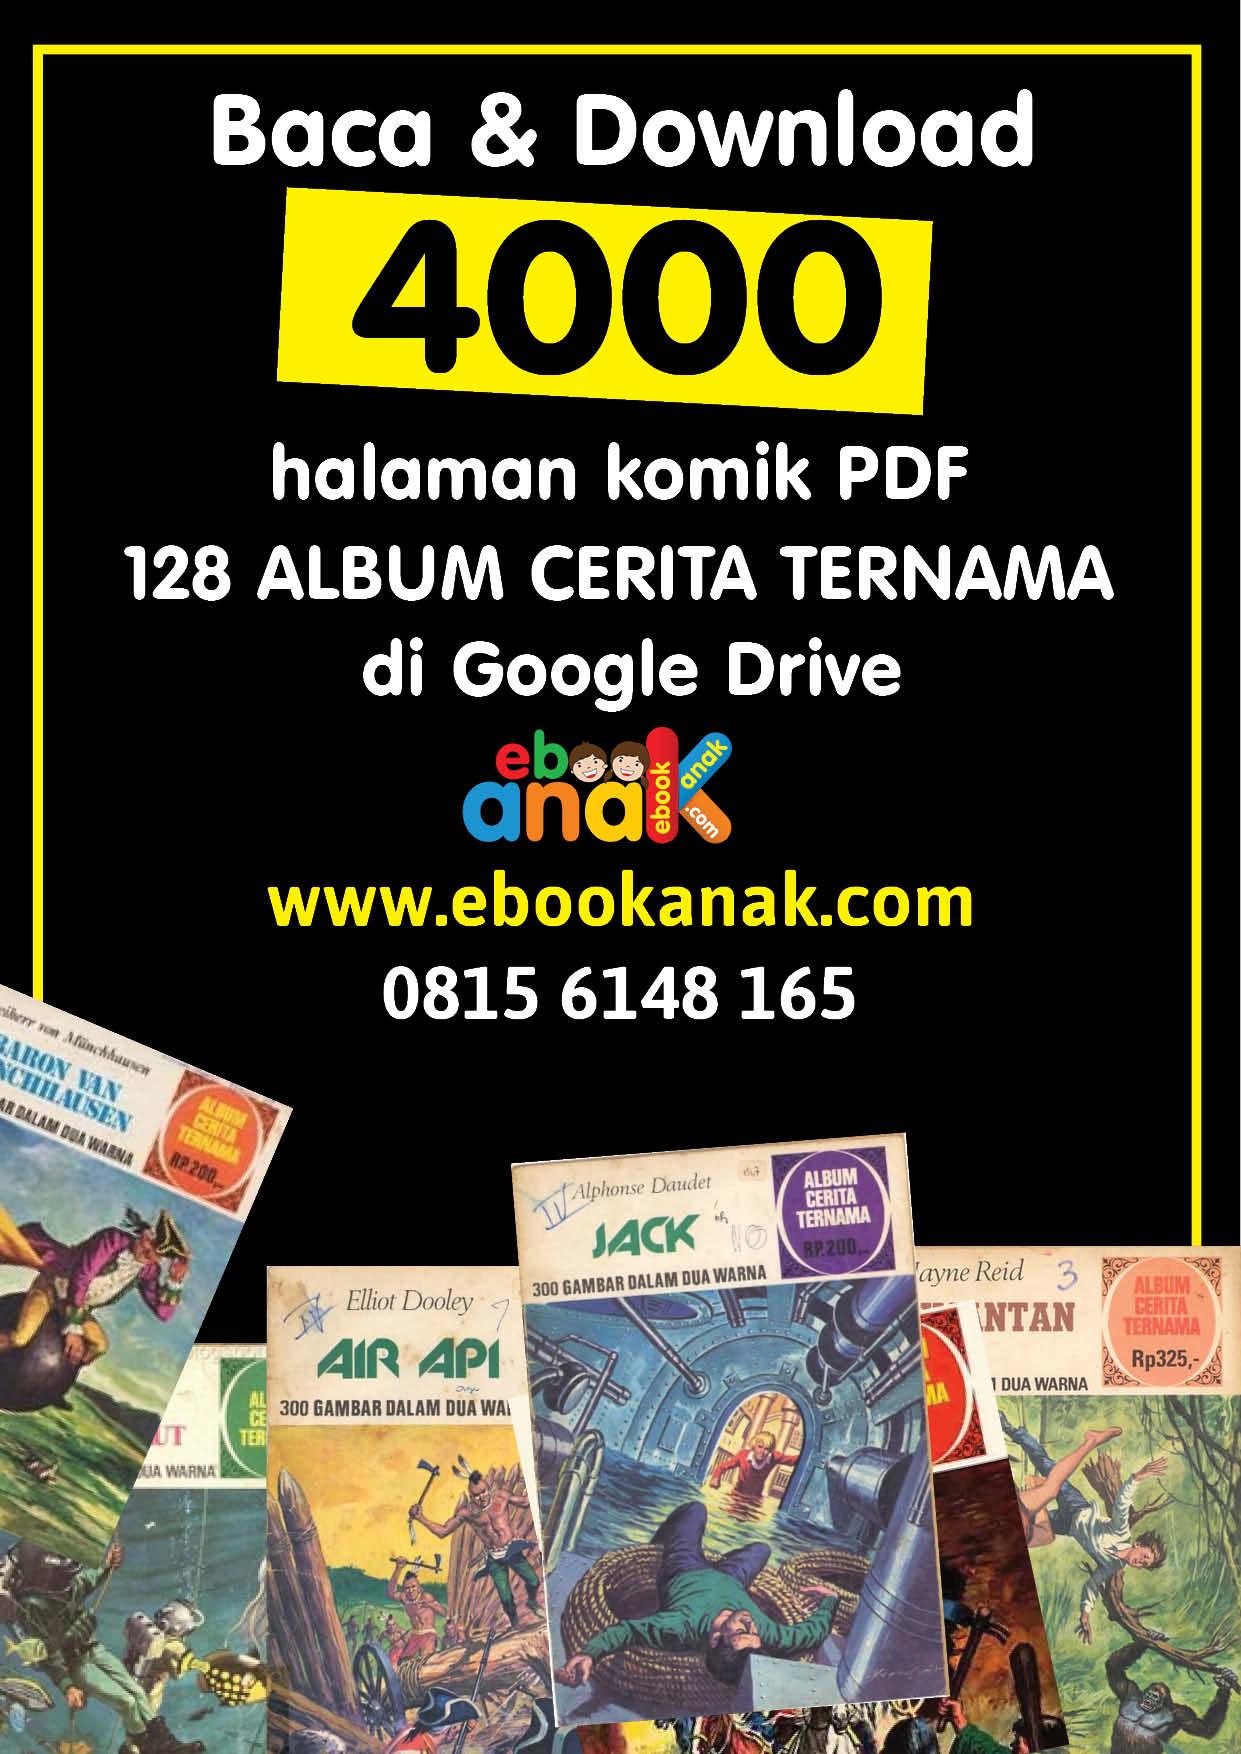 baca dan download 4000 halaman komik pdf 128 album cerita ternama di google drive